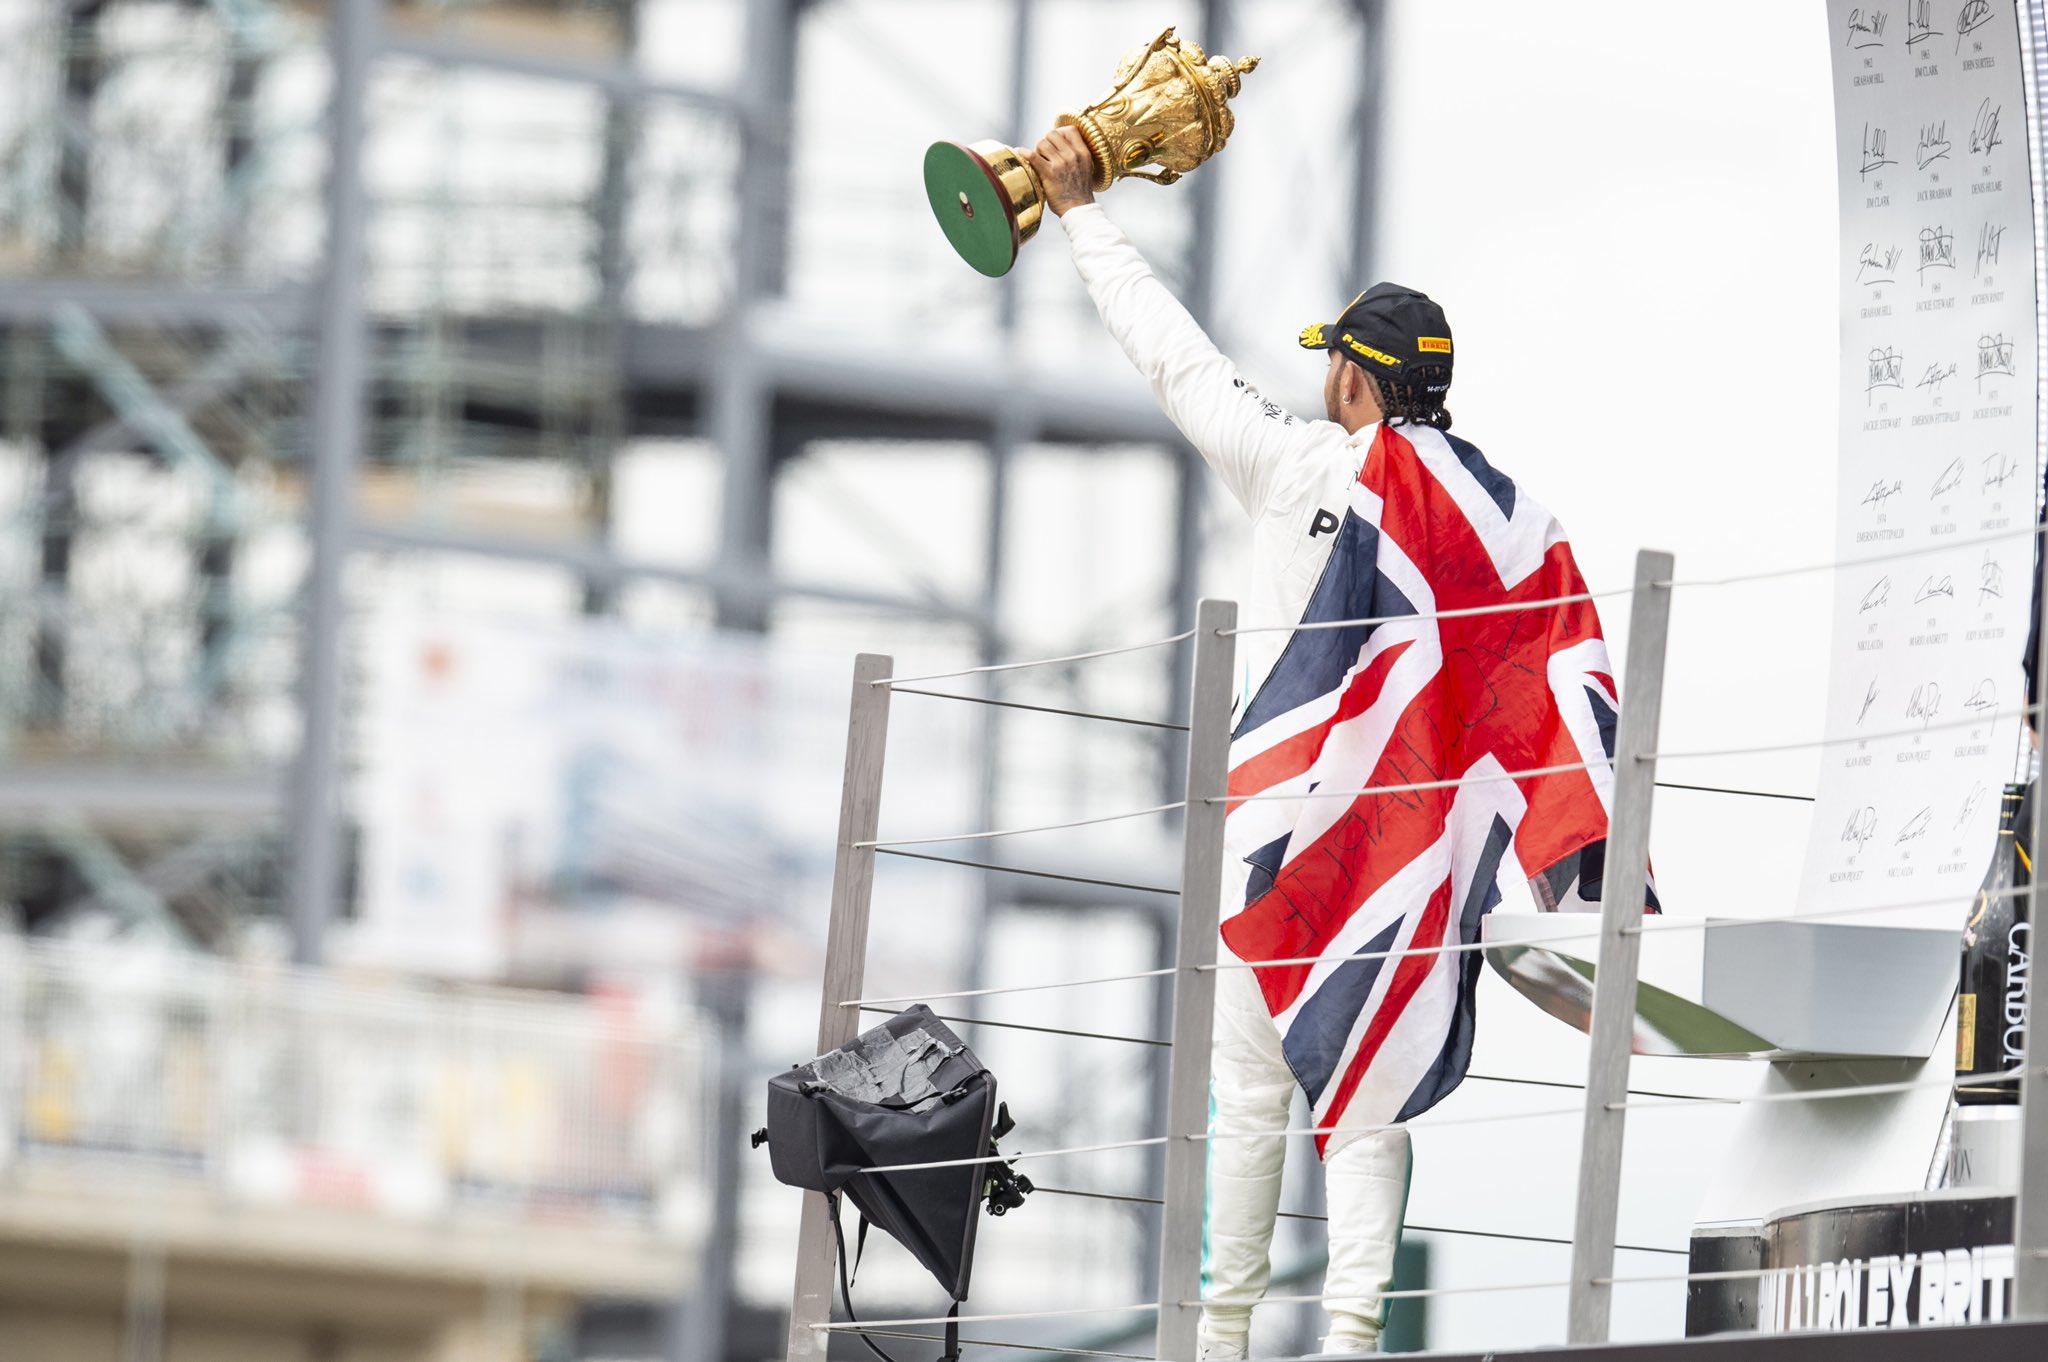 Victoire de Hamilton à domicile grâce à la Safety-Car